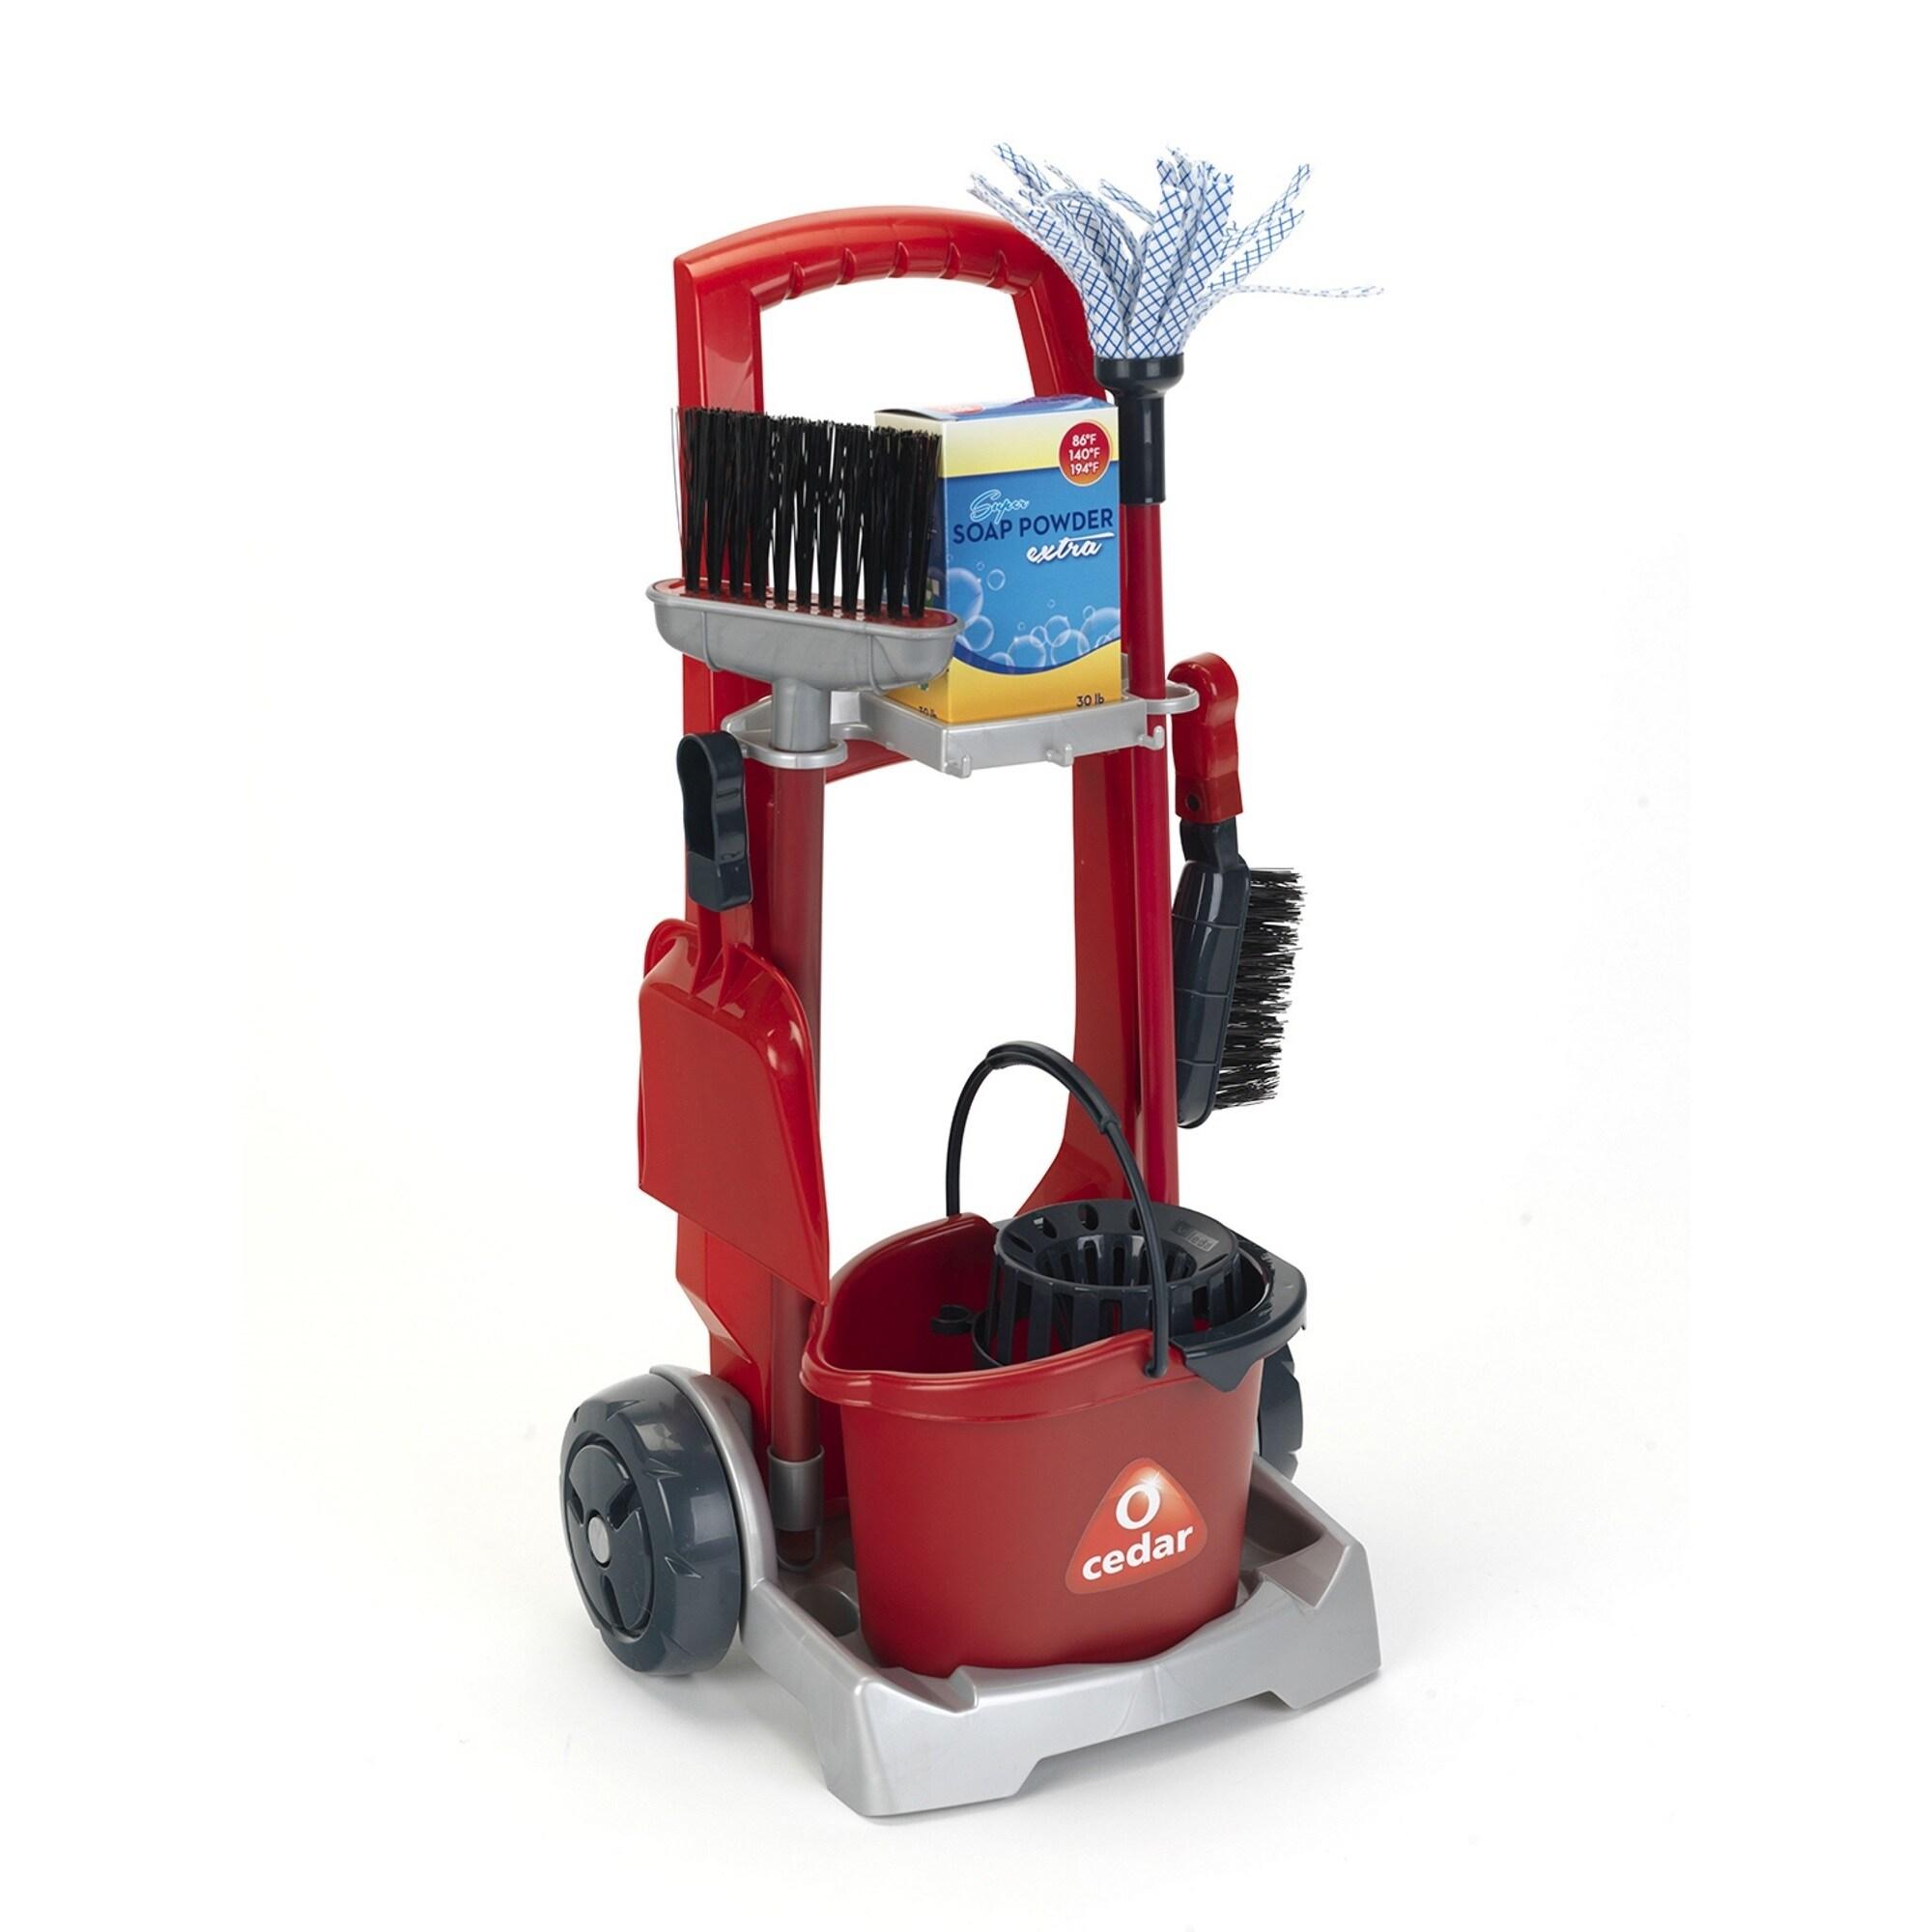 Theo Klein O'Cedar Cleaning Trolley (G4009847064509), Multi